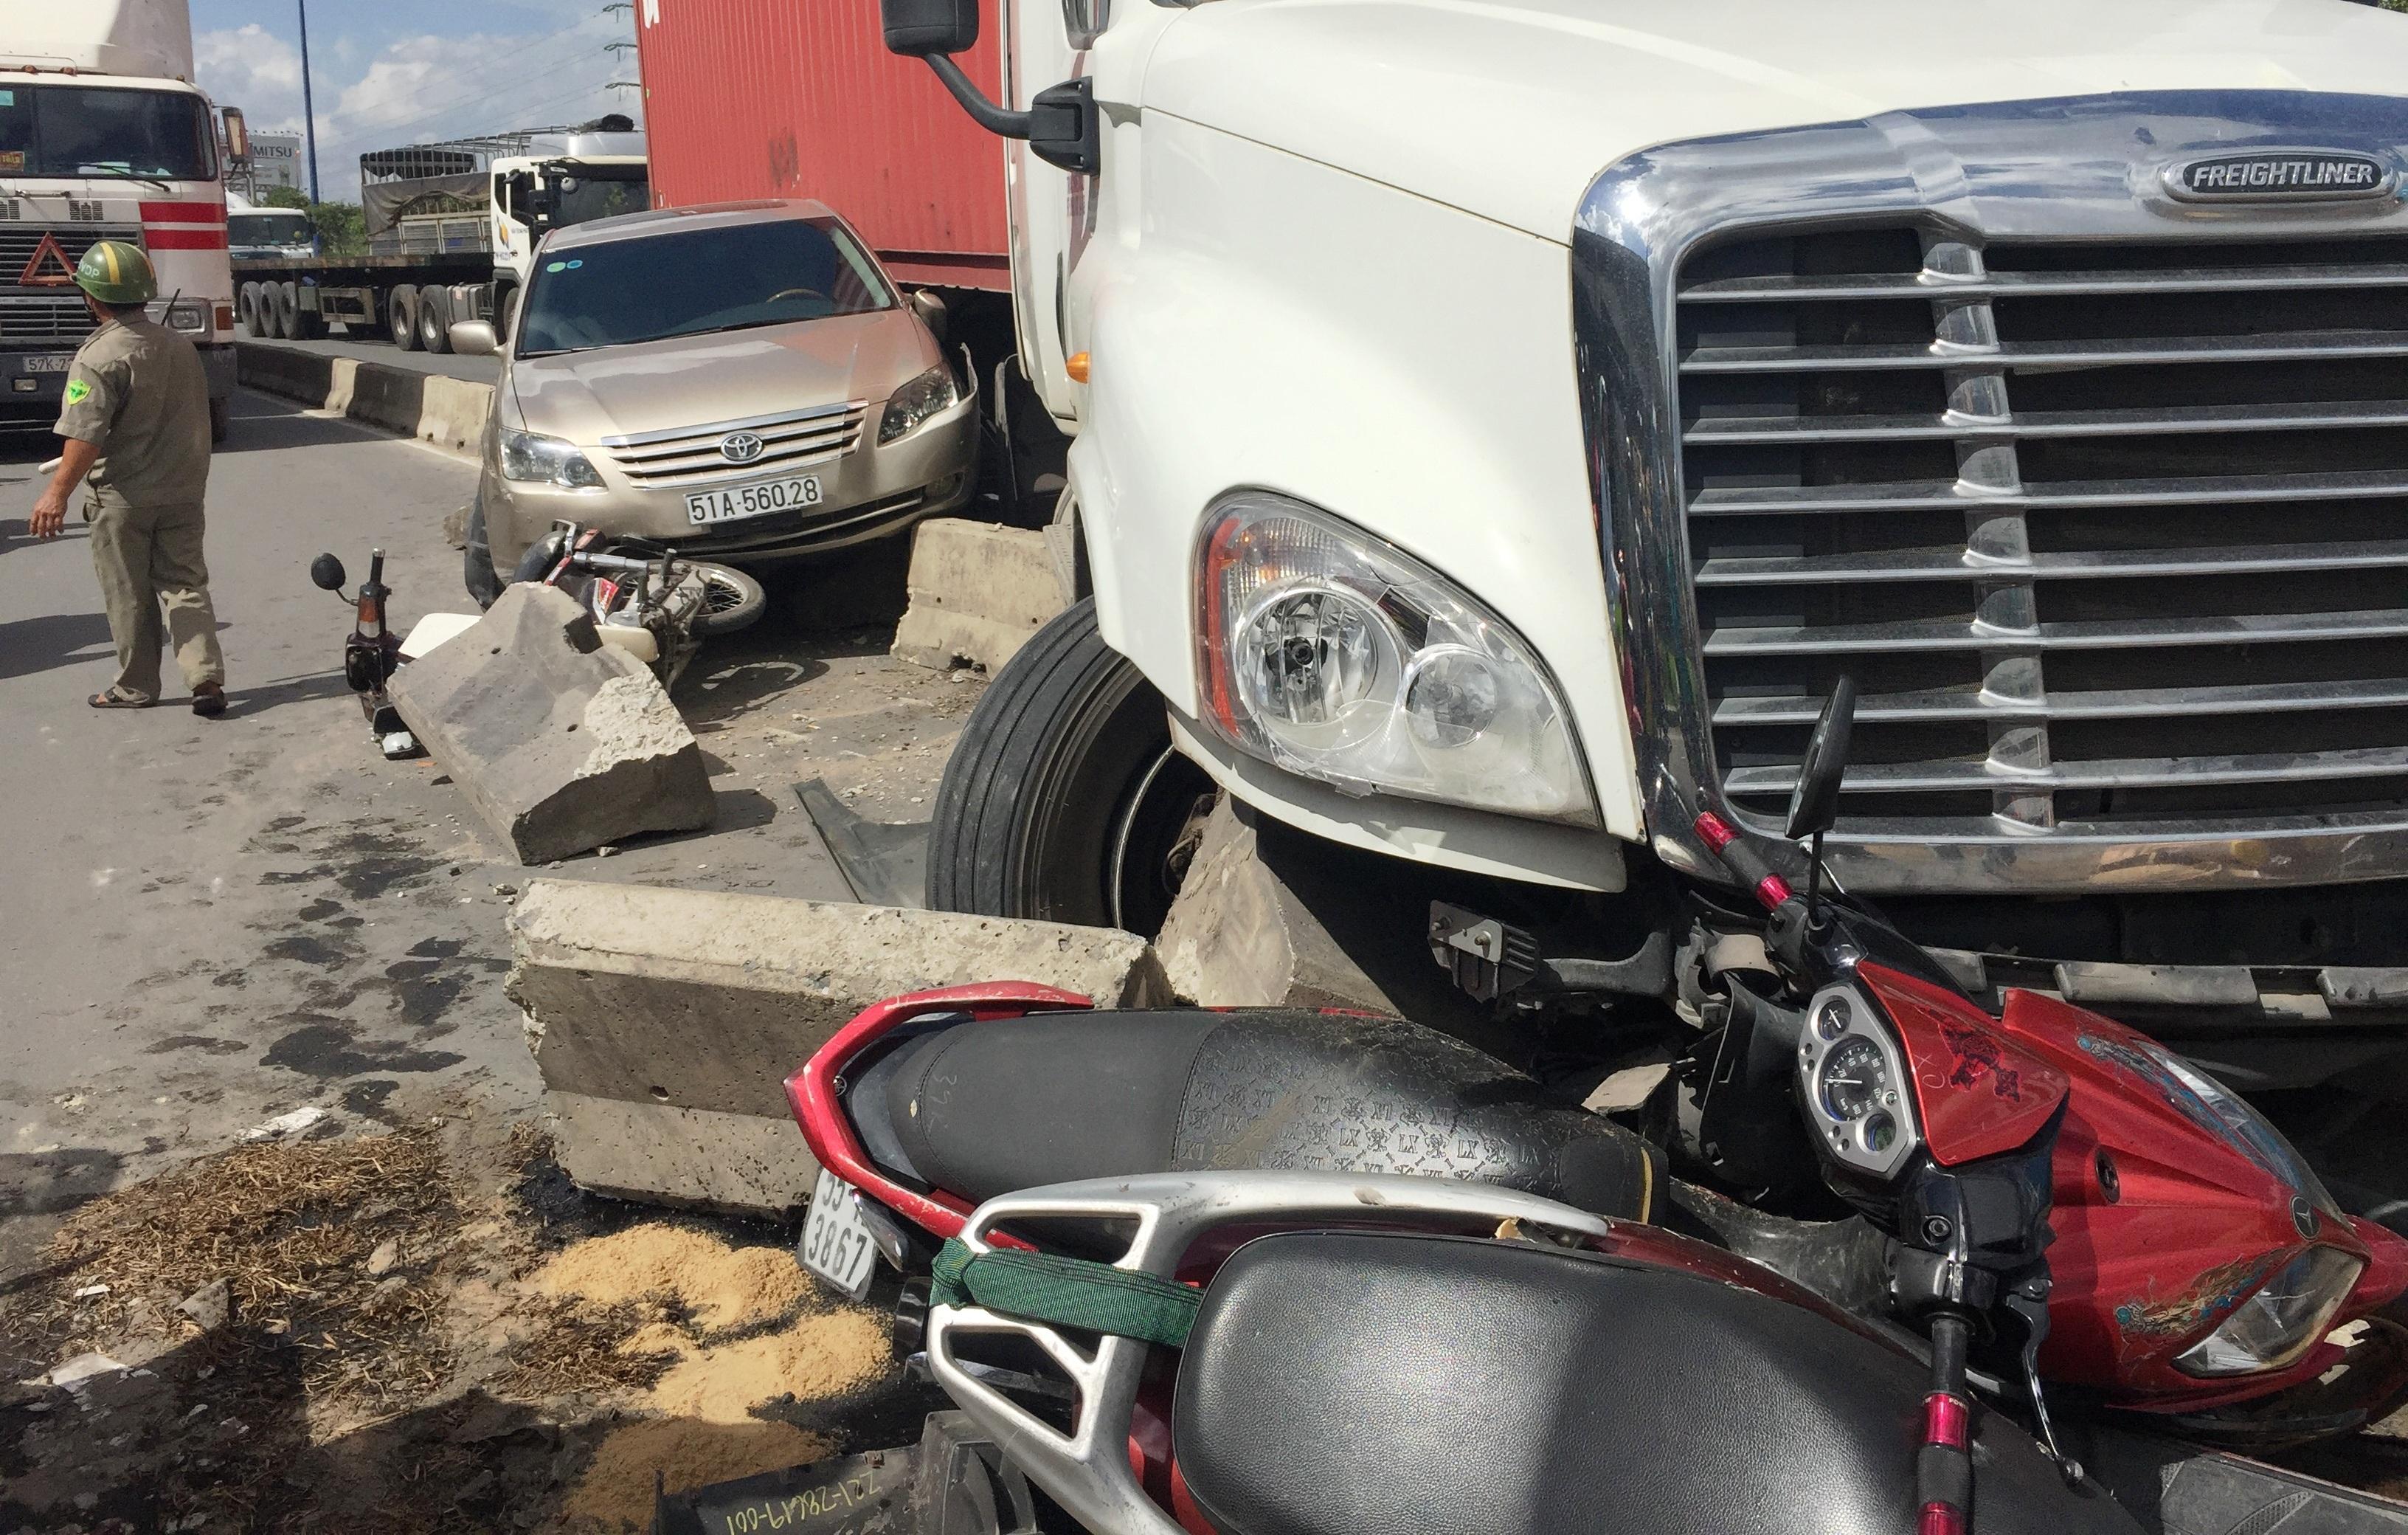 Chiếc xe đầu kéo container được cho là nổ vỏ trước gây tai nạn liên hoàn trên XLHN